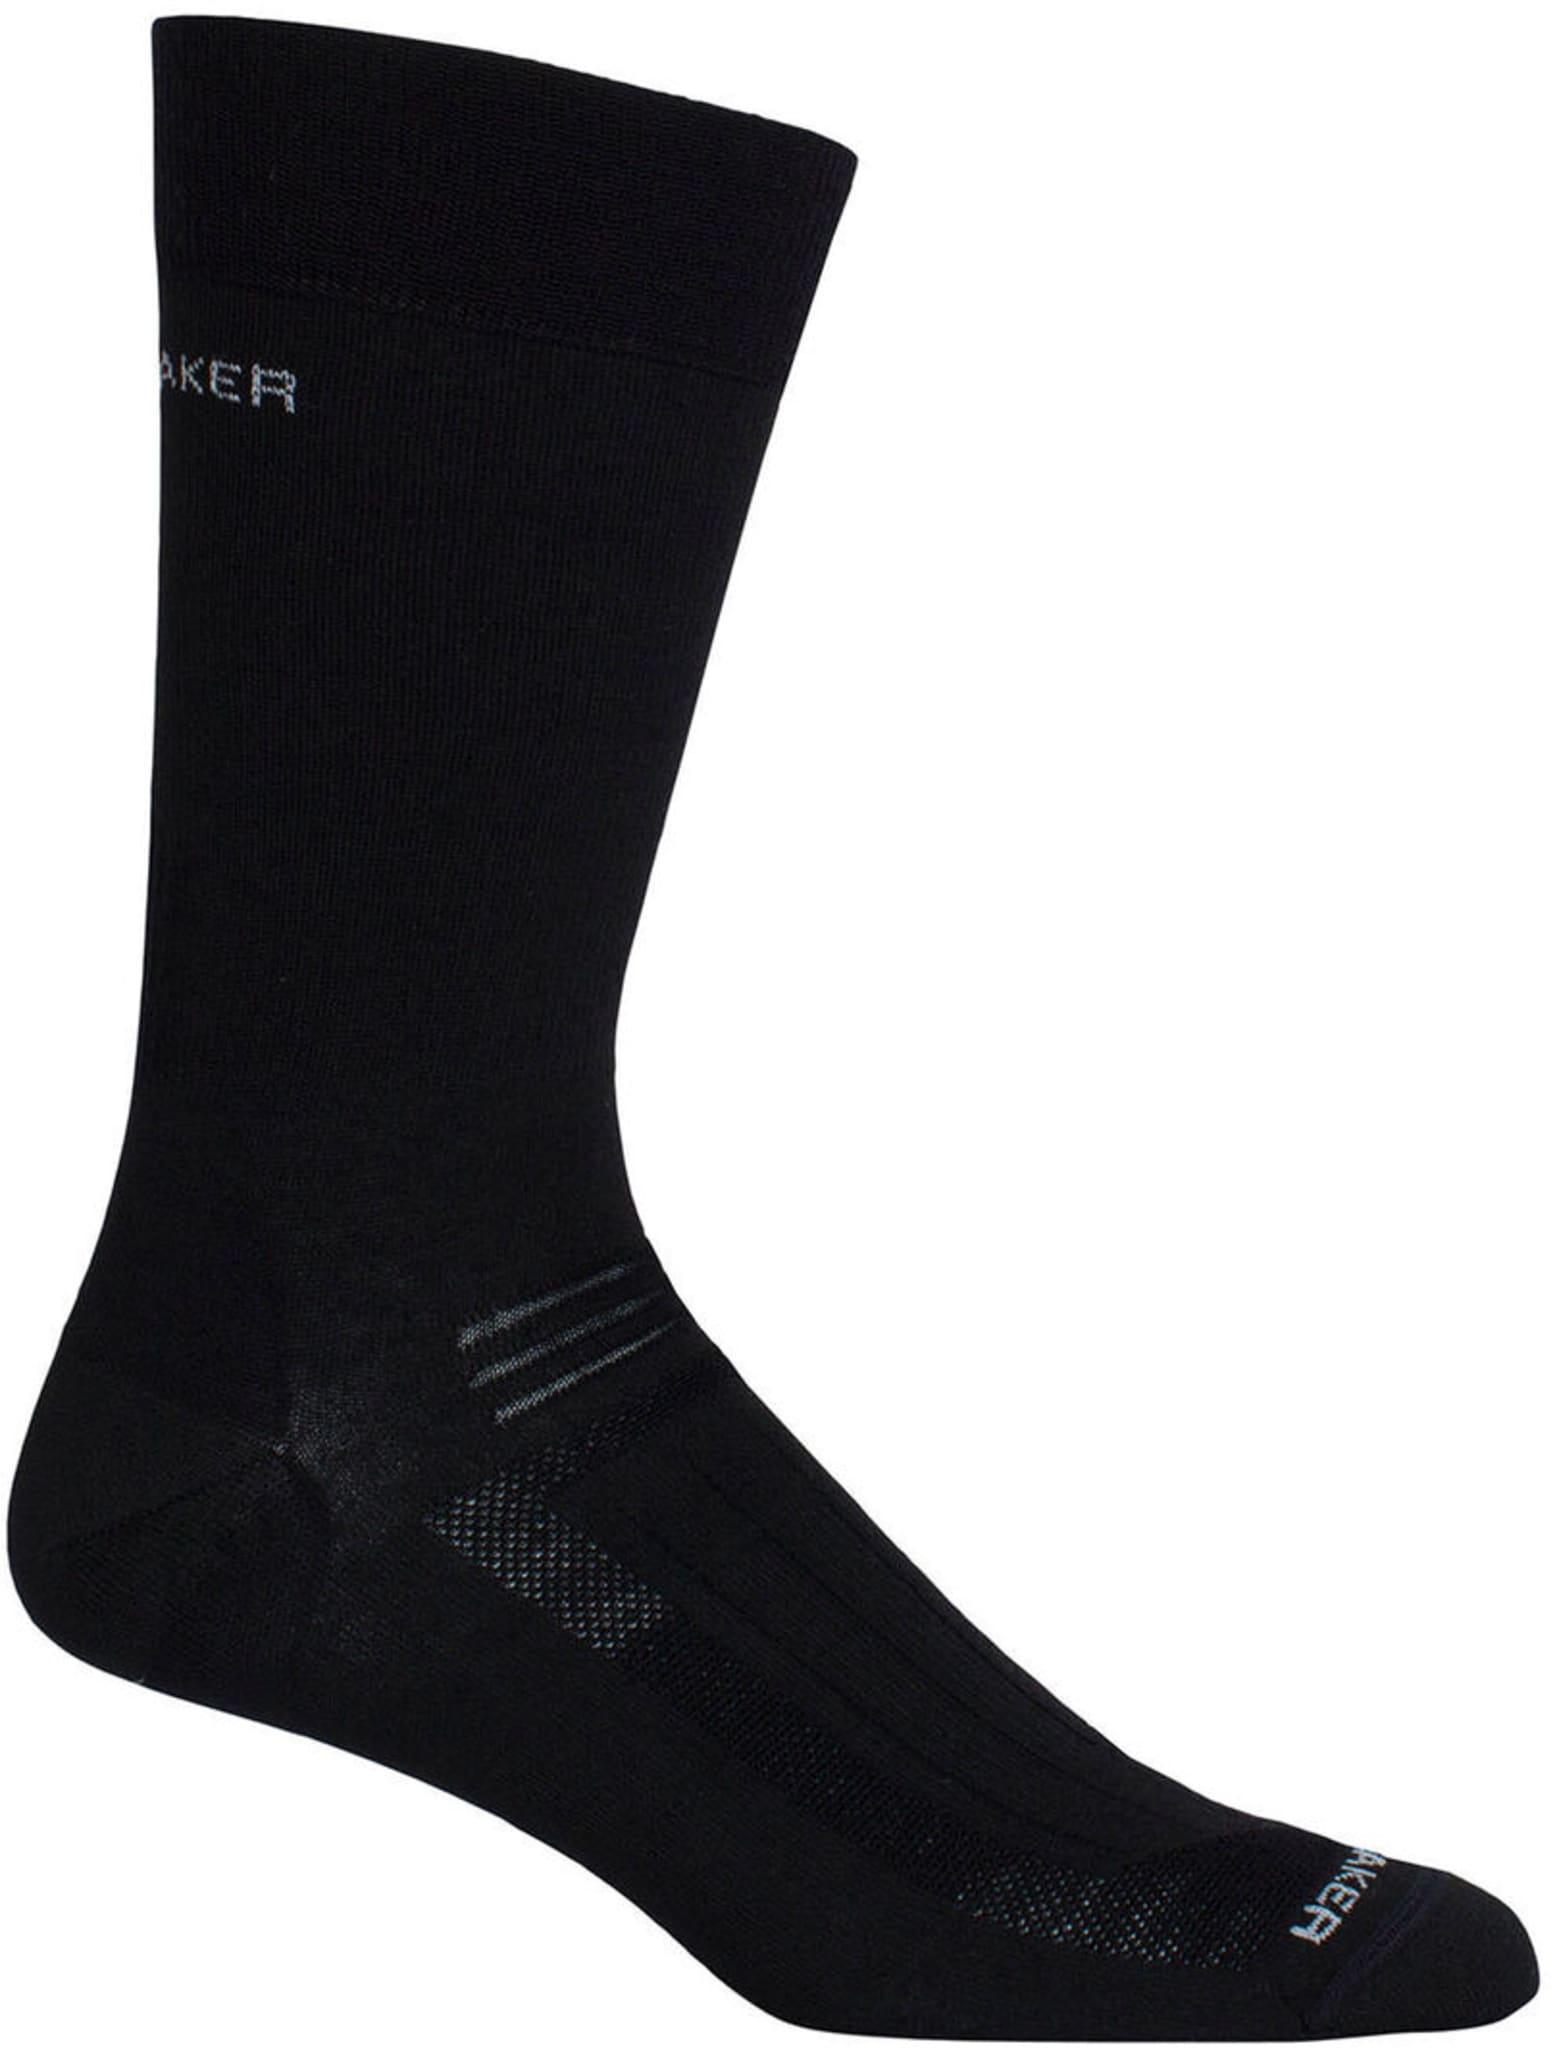 Svært tynne og lette sokker til turbruk